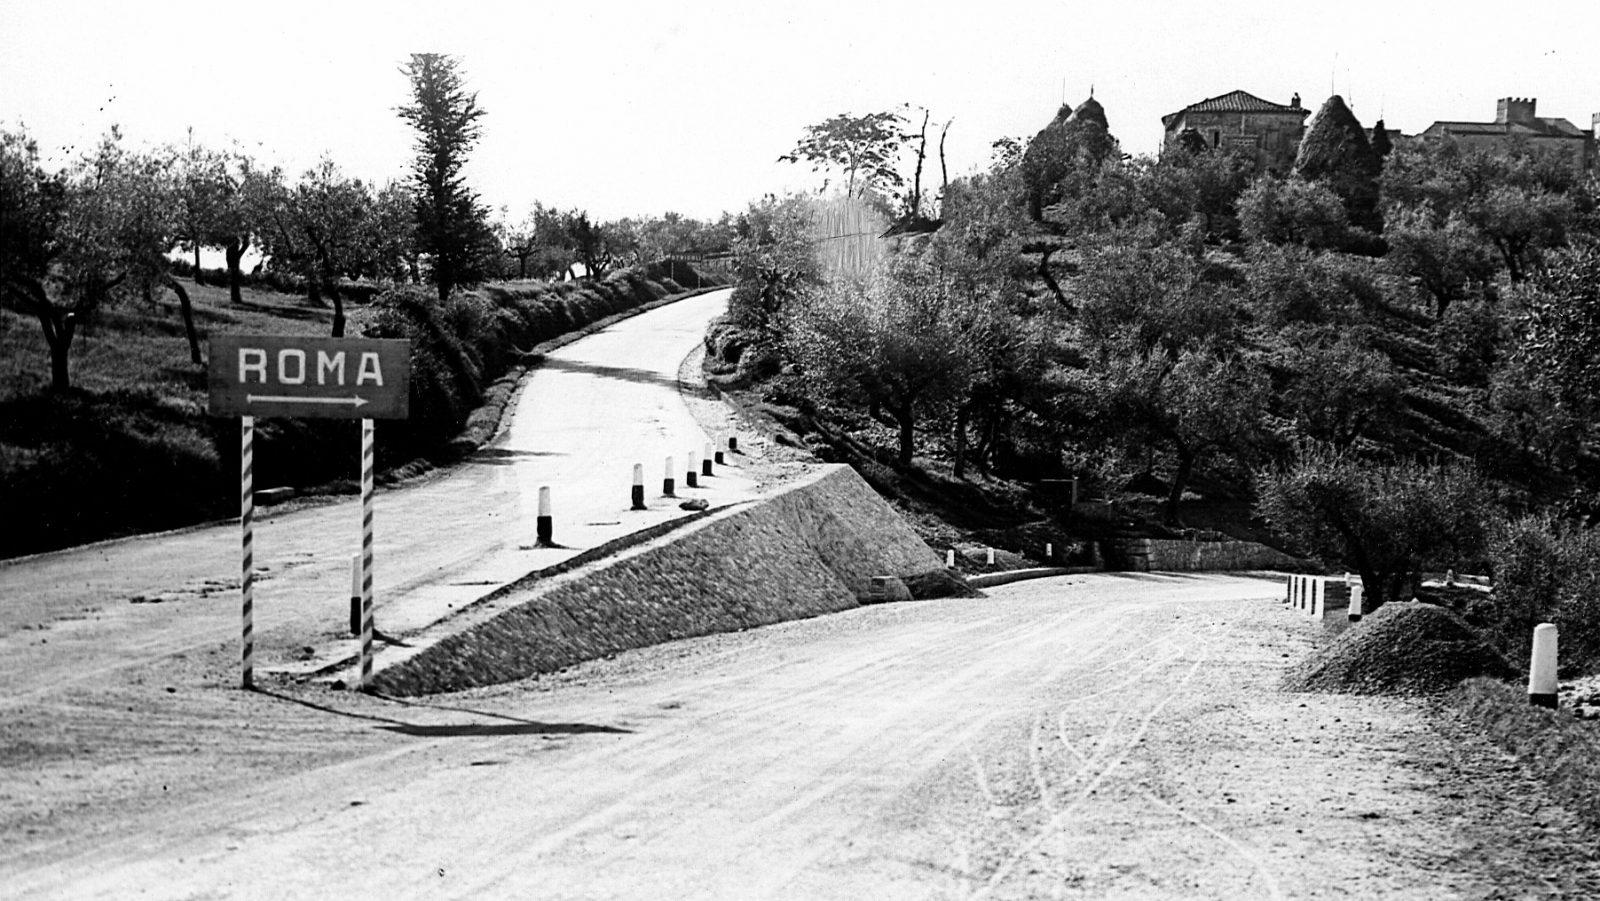 """Strada statale 3 """"Via Flaminia"""", variante presso il confine regionale tra Lazio e Umbria, indicazione stradale per Roma (Archivio storico Anas)"""